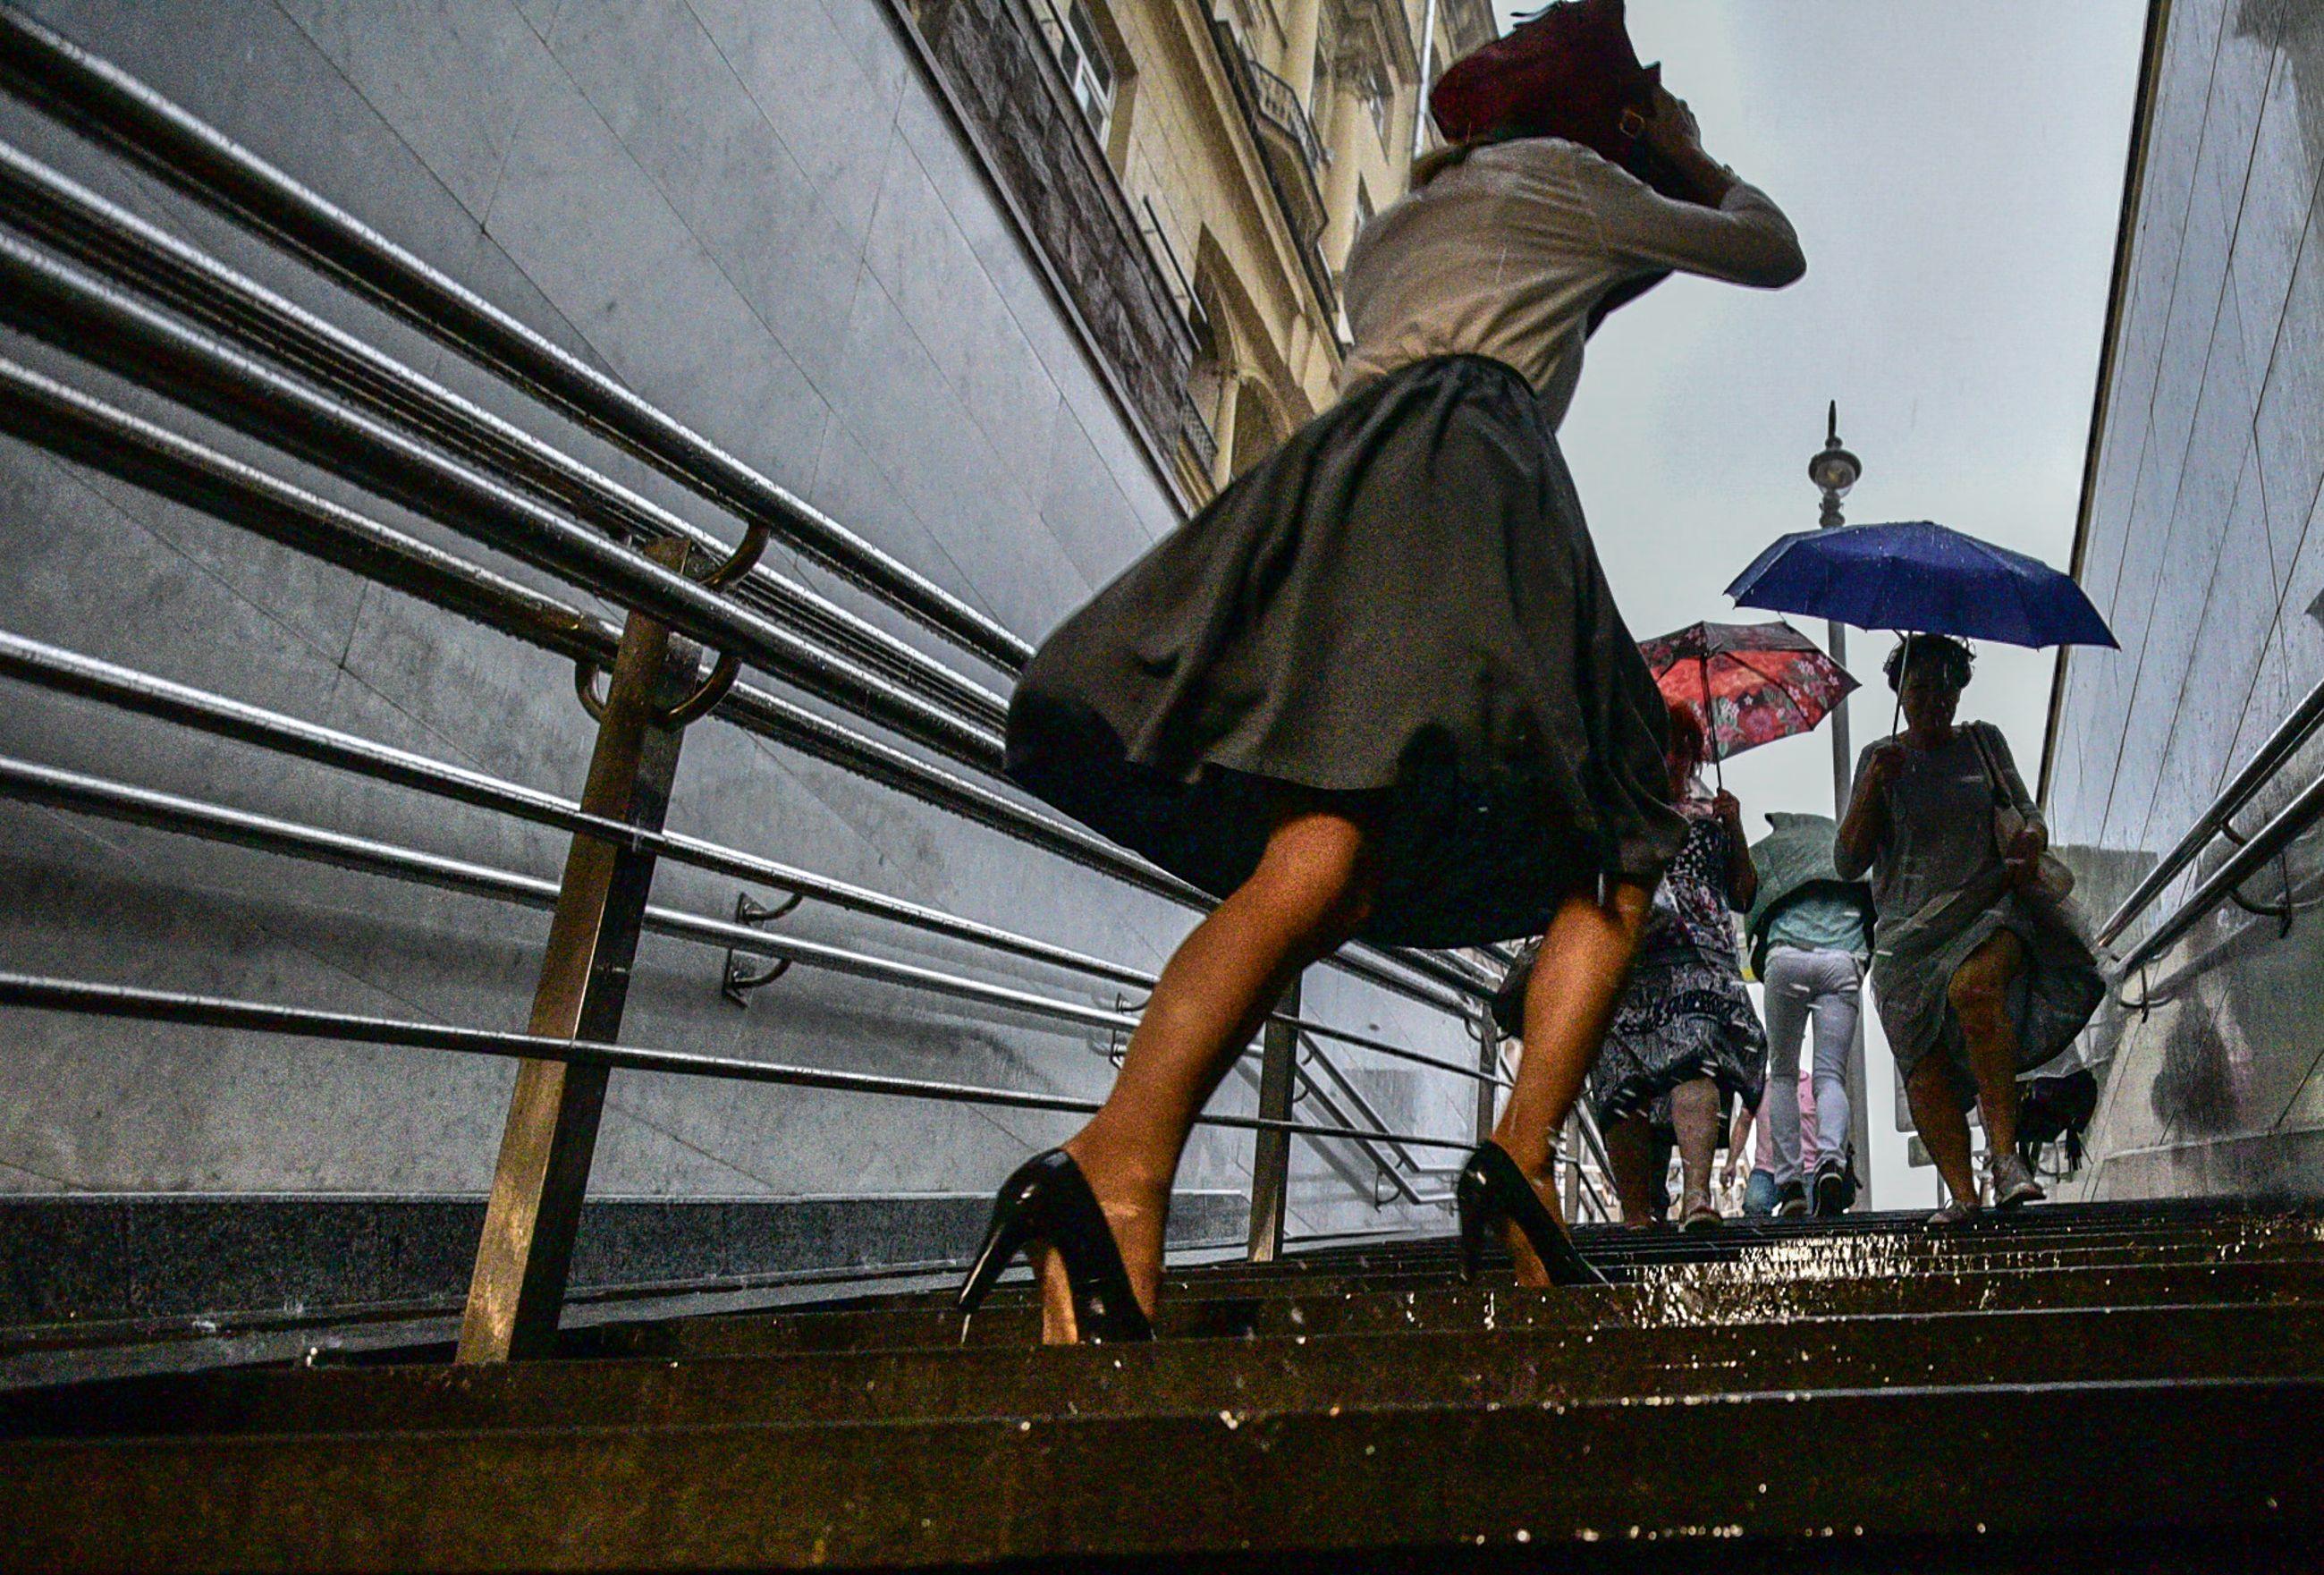 Ливни в Москве прекратятся на выходных